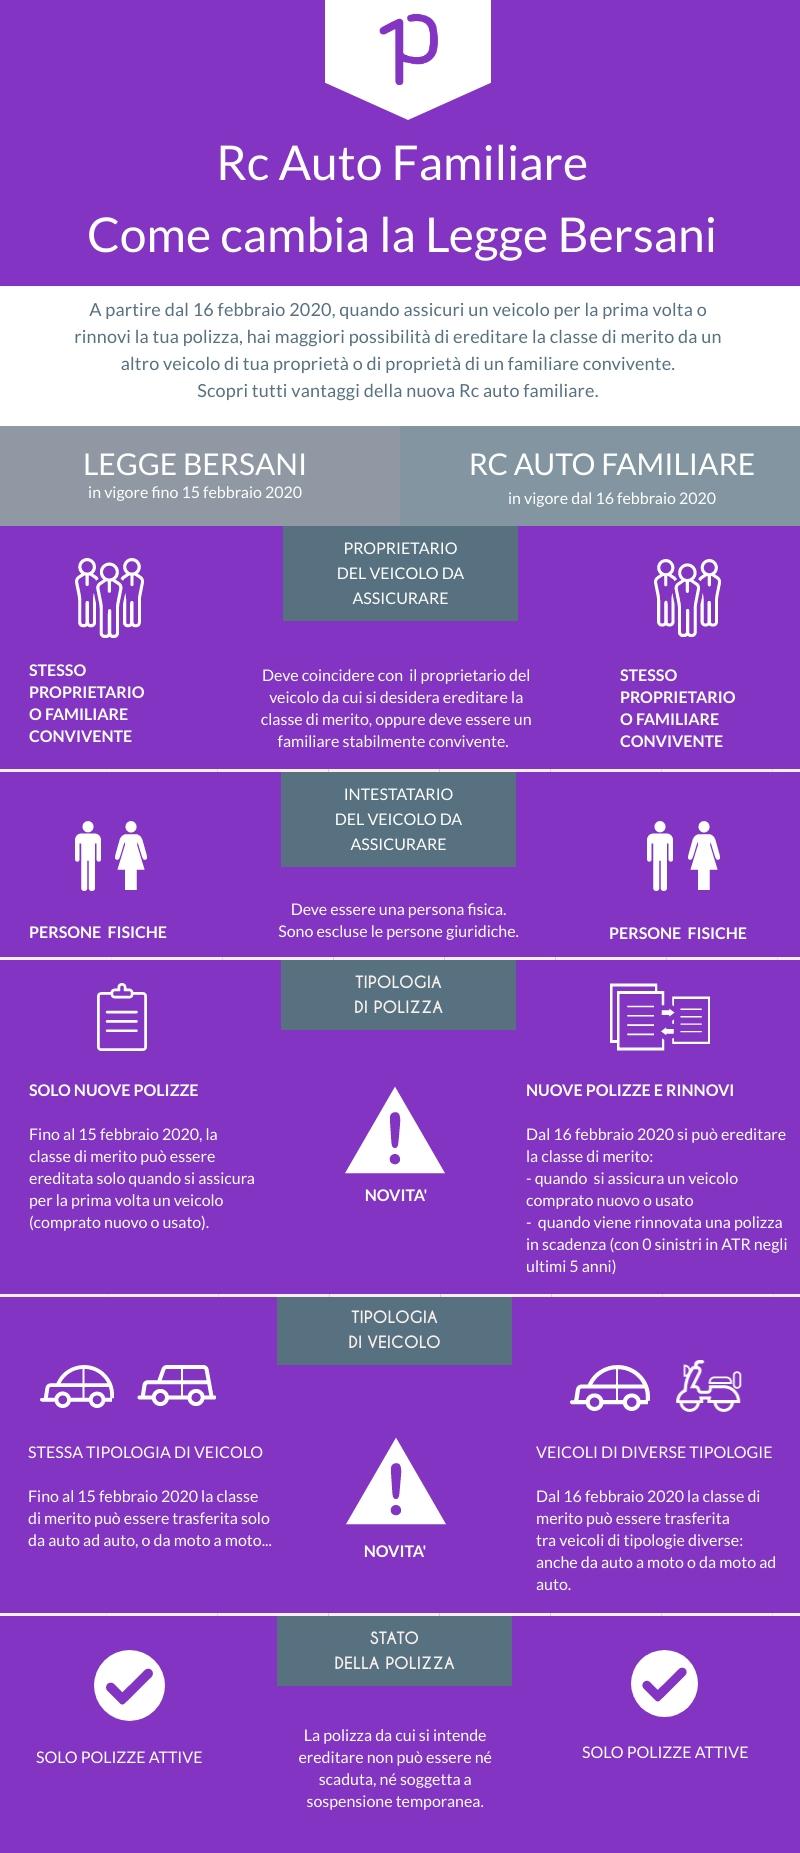 Legge Bersani 2020 e Rc auto familiare: le principali novità